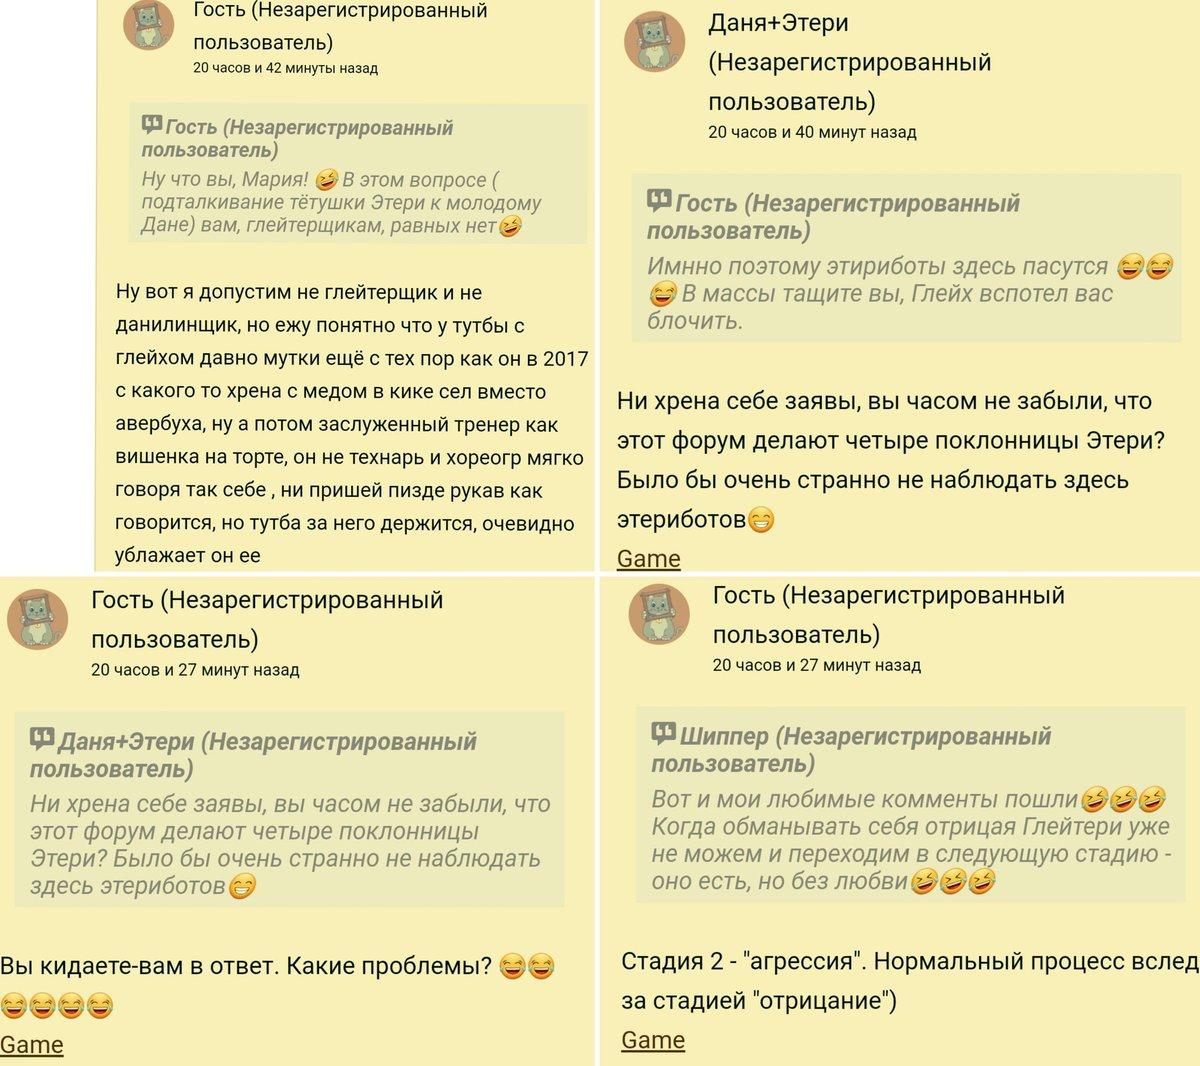 Обсуждать мутки Тутберидзе и Глейхенгауза, обсуждать поездку Ледокола в Хрустальный... https://t.co/GNi2oR8h1p